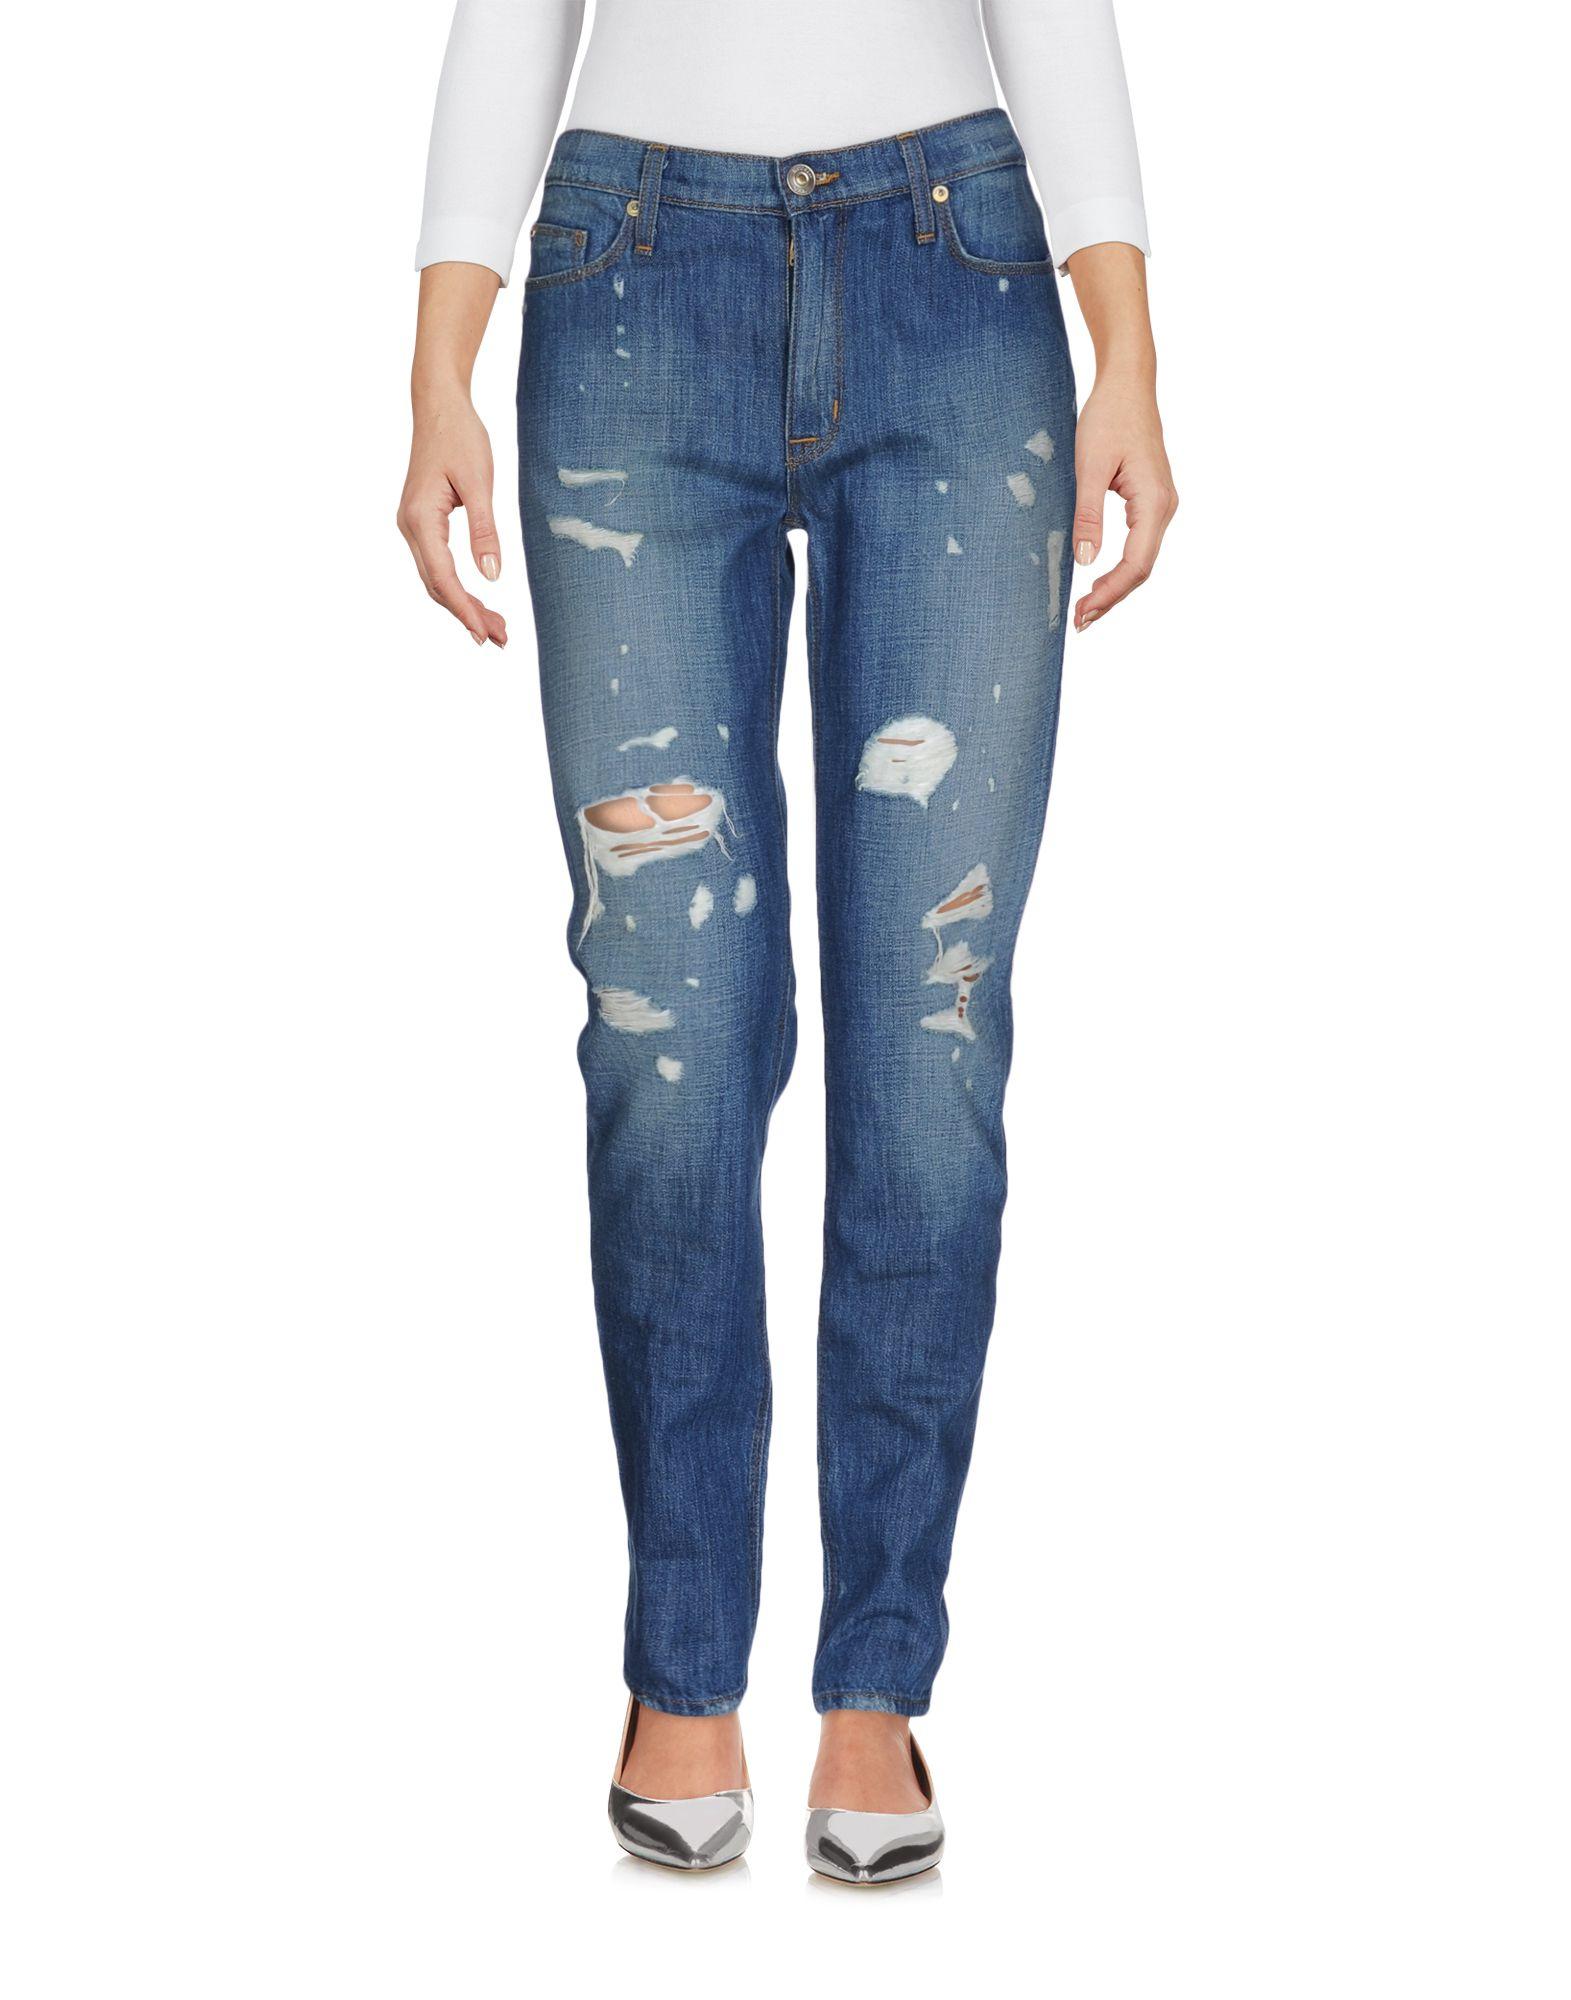 Pantaloni Jeans Jeans Hudson donna - 42551602LD  schnelle Lieferung